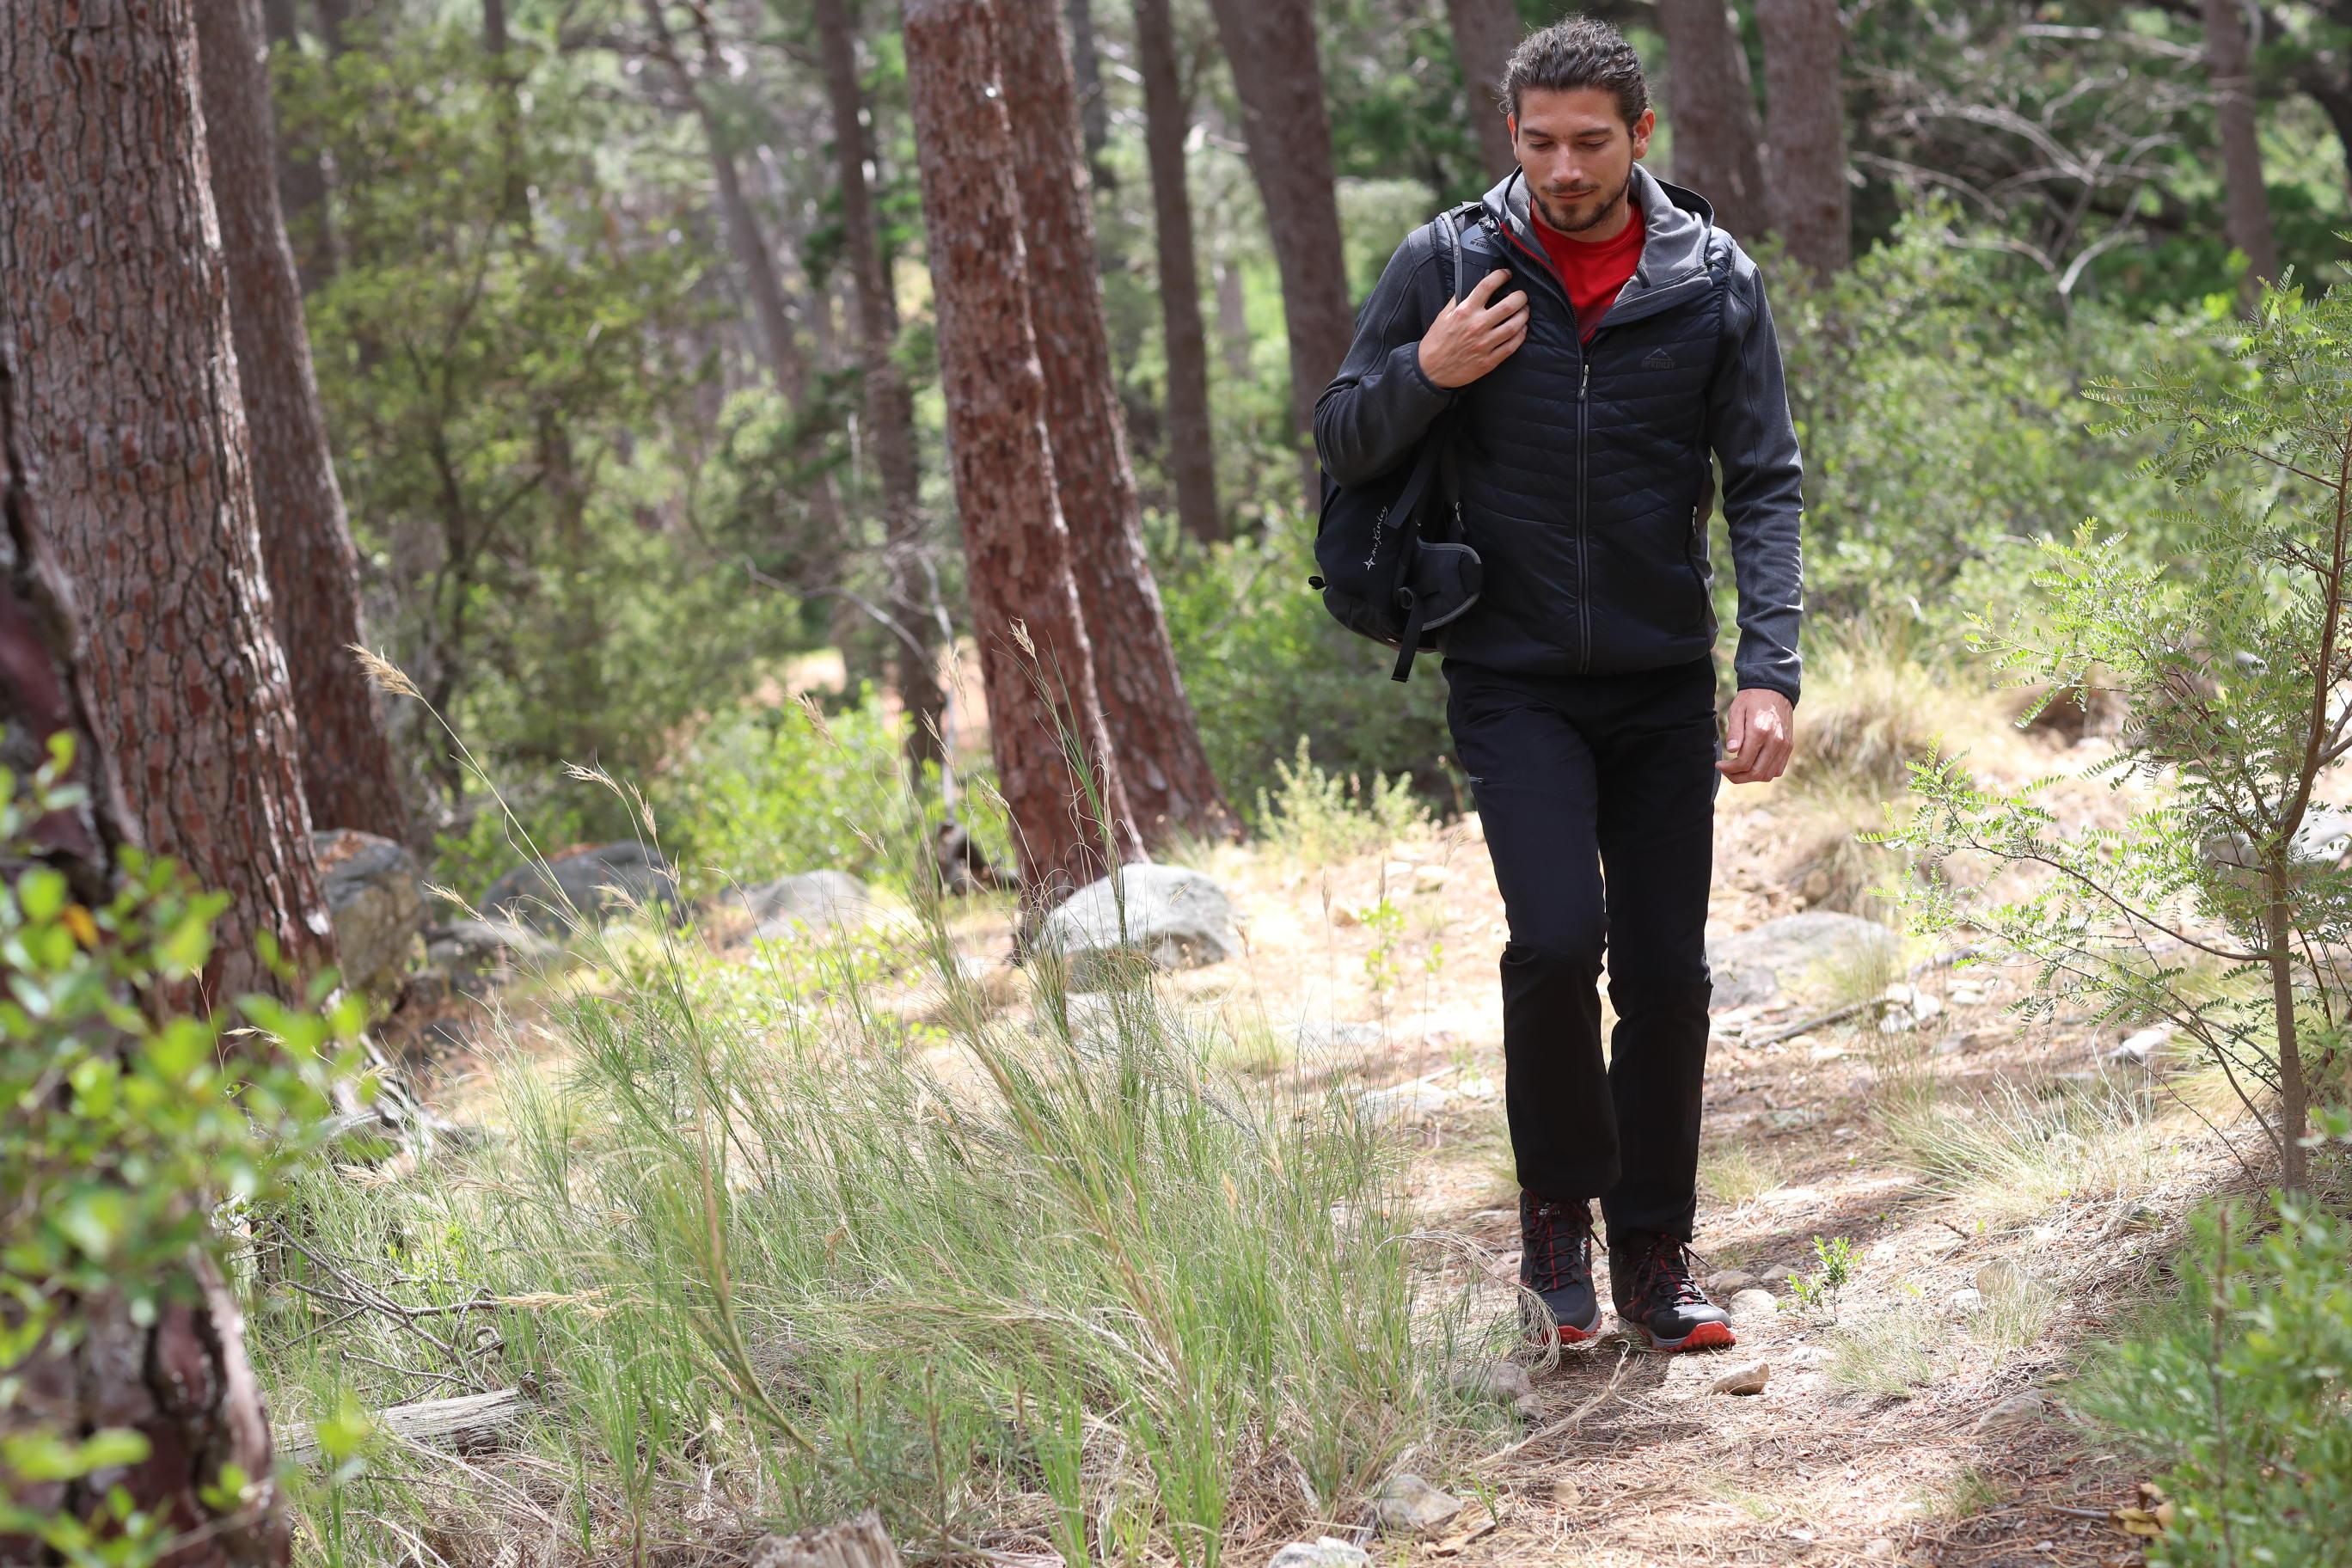 S'y Trail Comment Retrouver We De Rando Chaussure xFwIBax